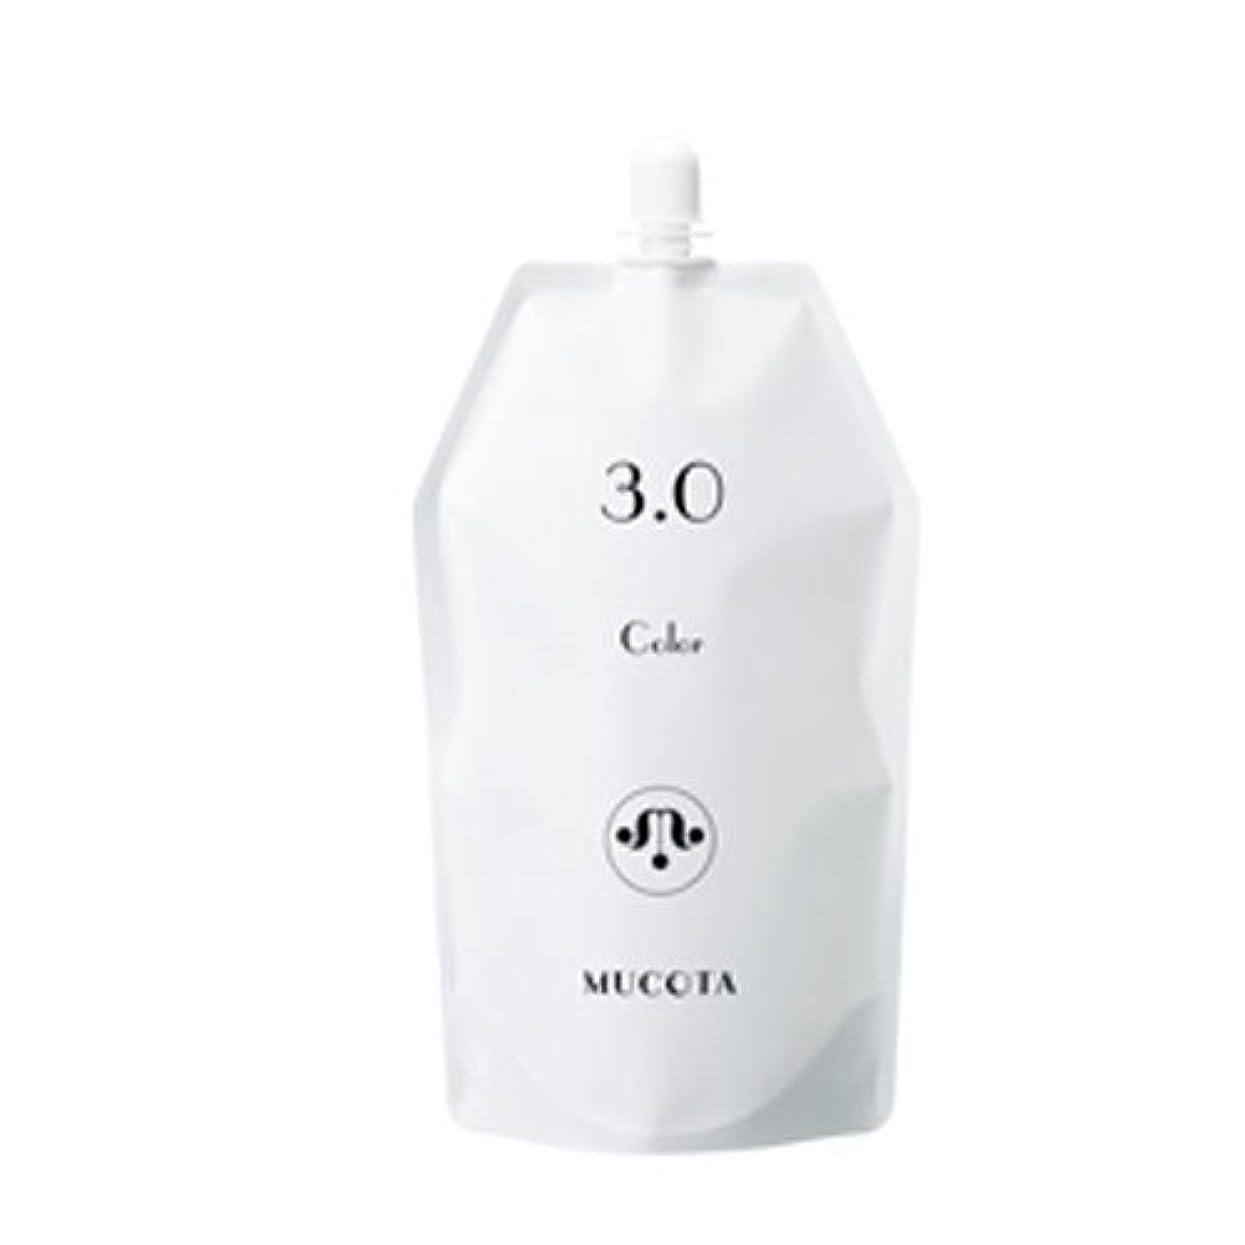 重要薬を飲むジョガームコタ ヘアカラー OX(3.0%/4.5%/6.0%) 各 1000ml【2剤】【オキシー】【グレイカラー?白髪染め】 (OX 3.0%)